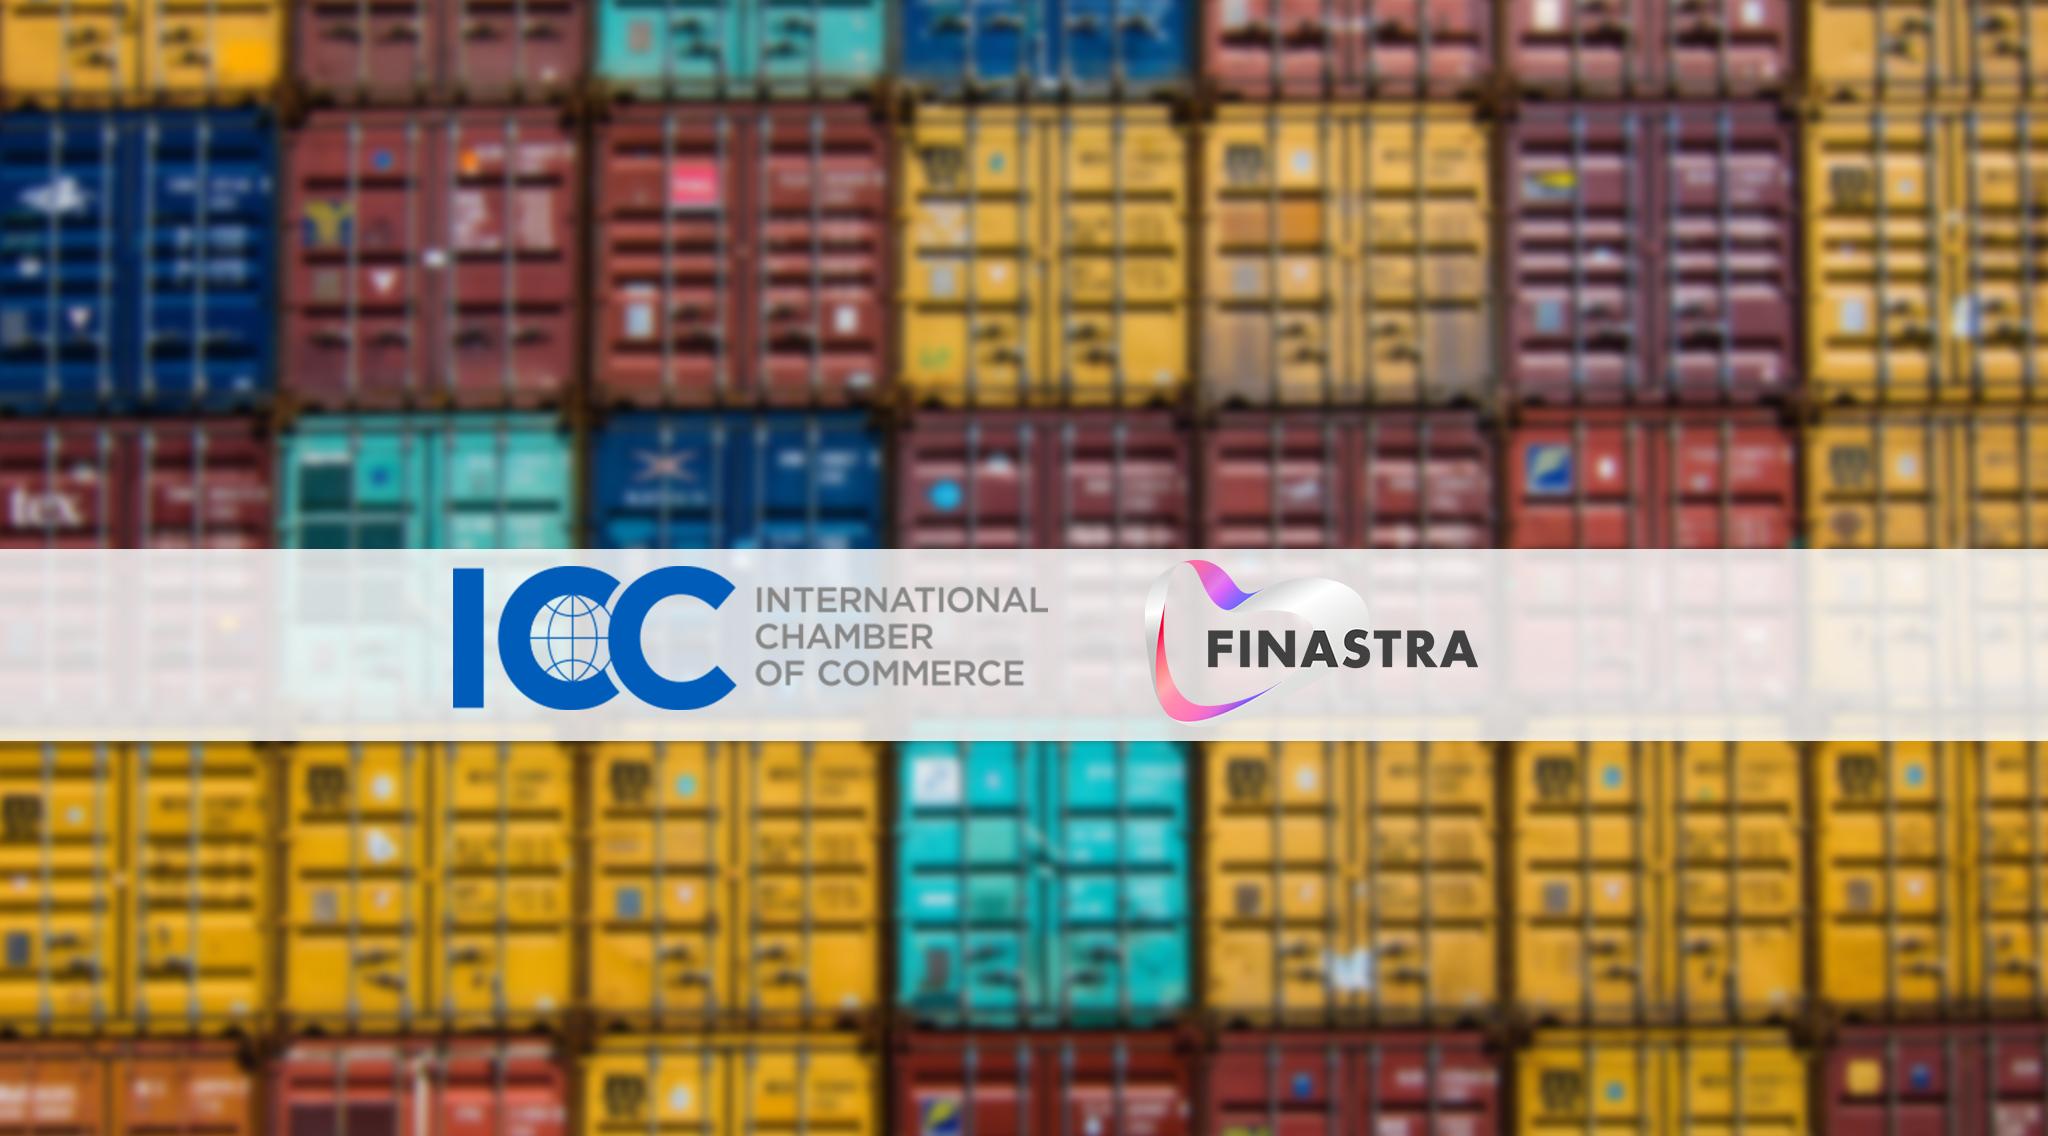 ICC and Finastra Team up To Close the Growing Trade Finance Gap | Fintech Schweiz Digital Finance News – FintechNewsCH